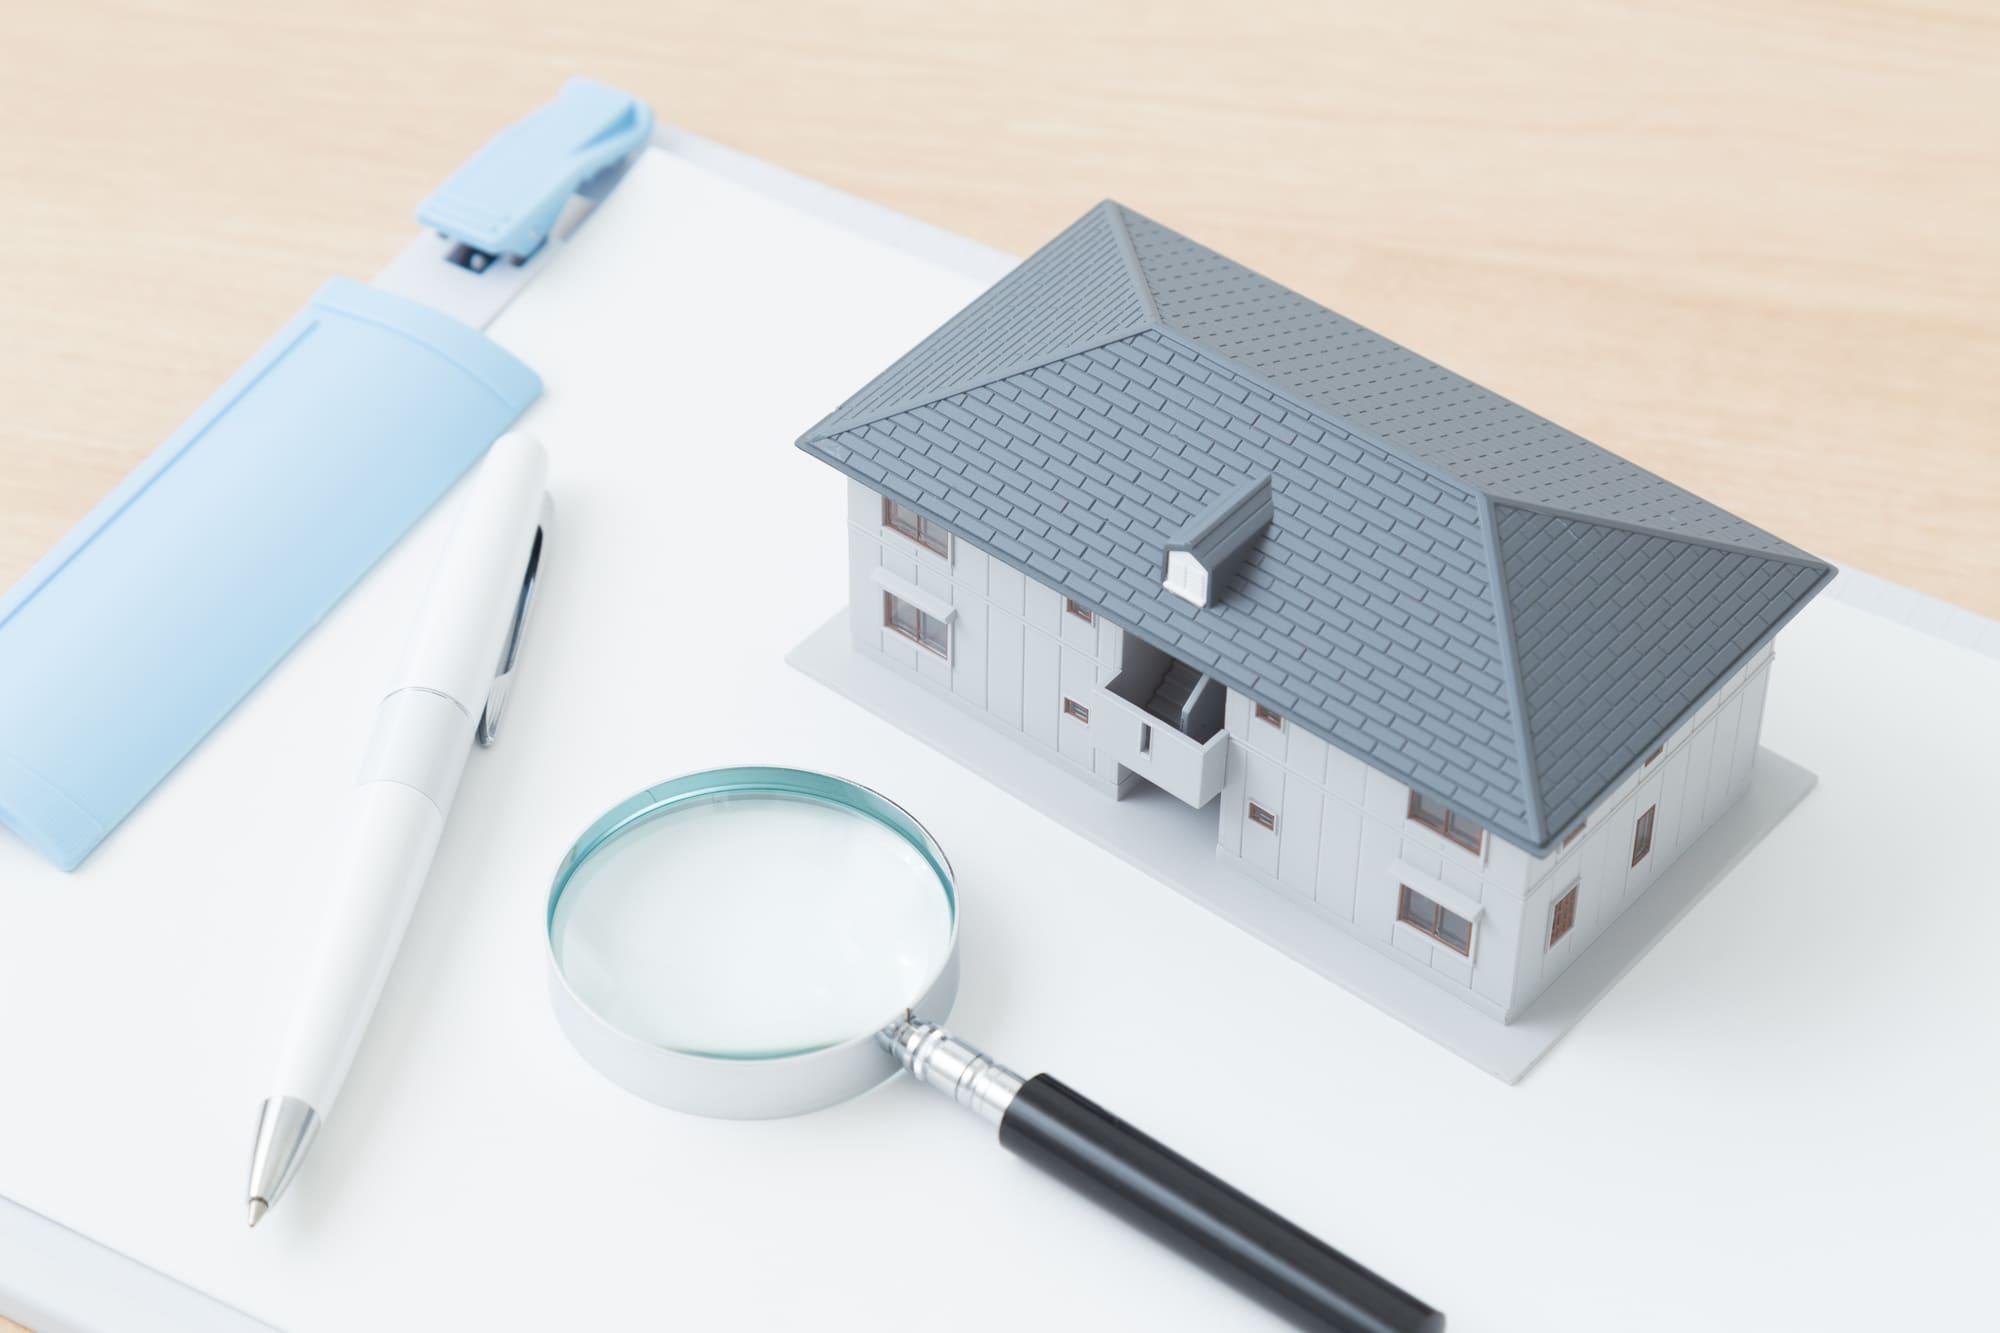 新築なのに賃料設定が安すぎる?賃料査定で損失を防ぐことができます。